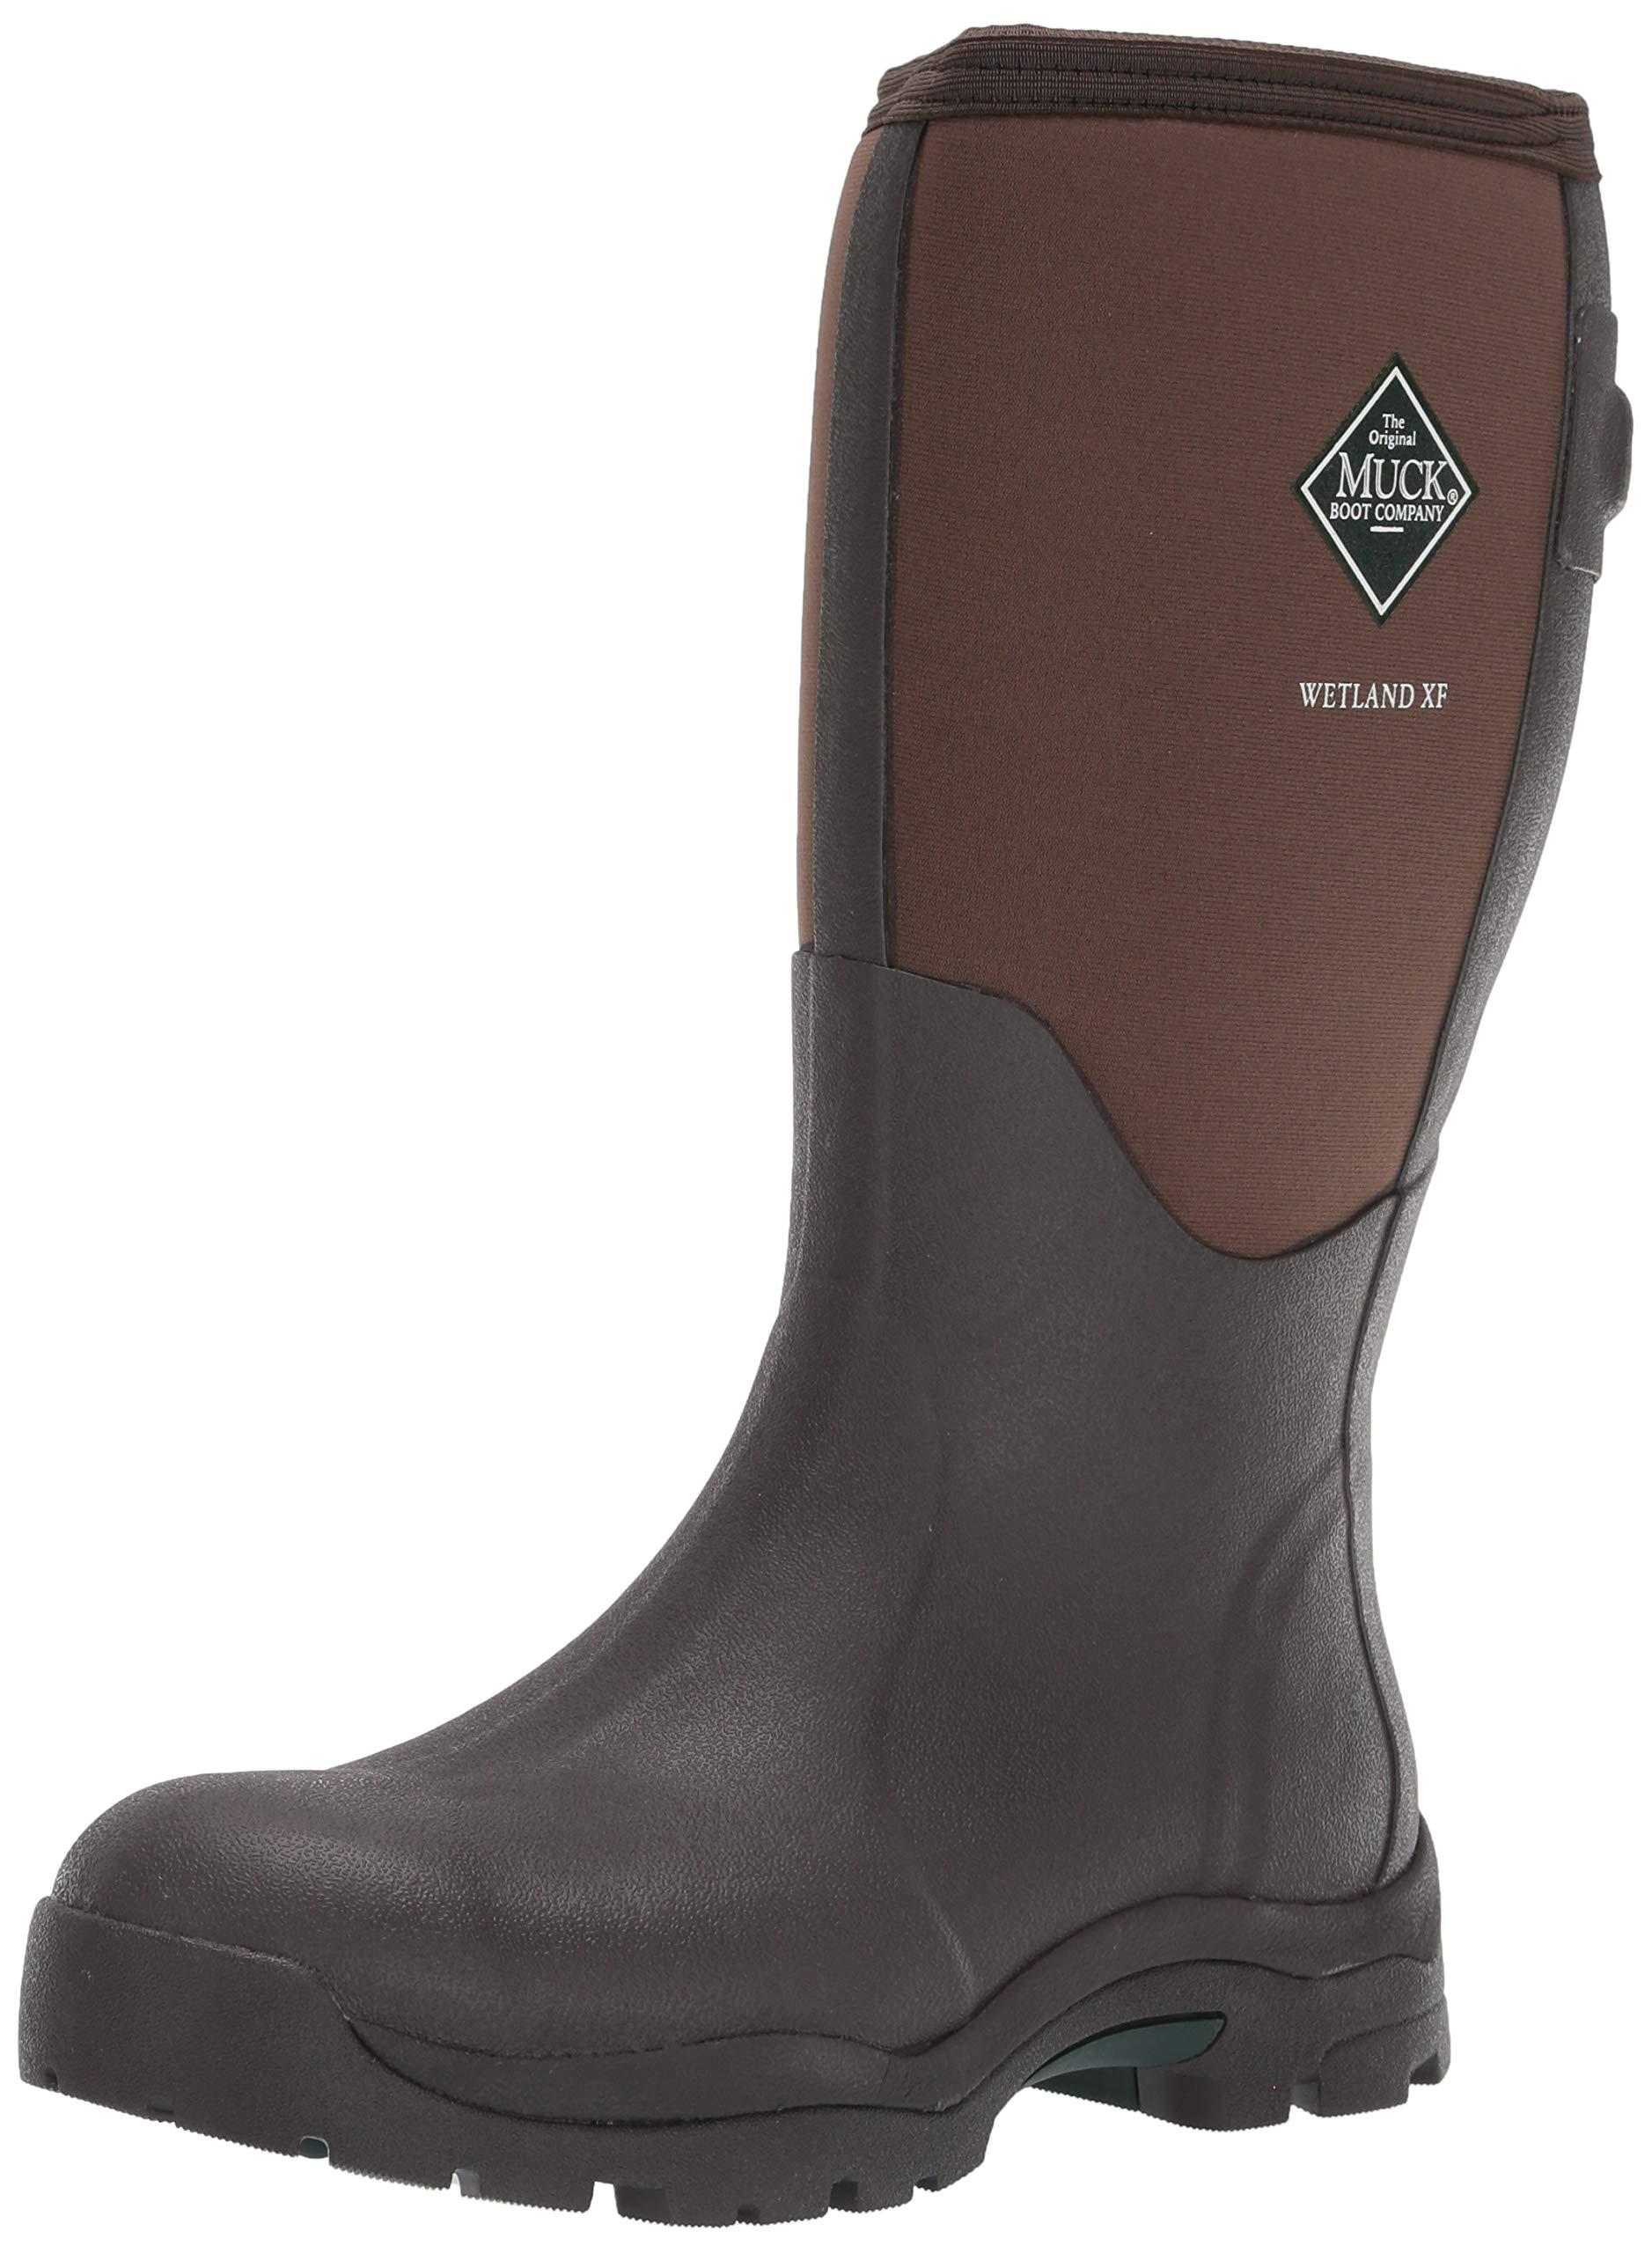 Muck Boot Women's Wetland Wide Calf Snow Boot, Brown, 10 Medium Shaft US by Muck Boot